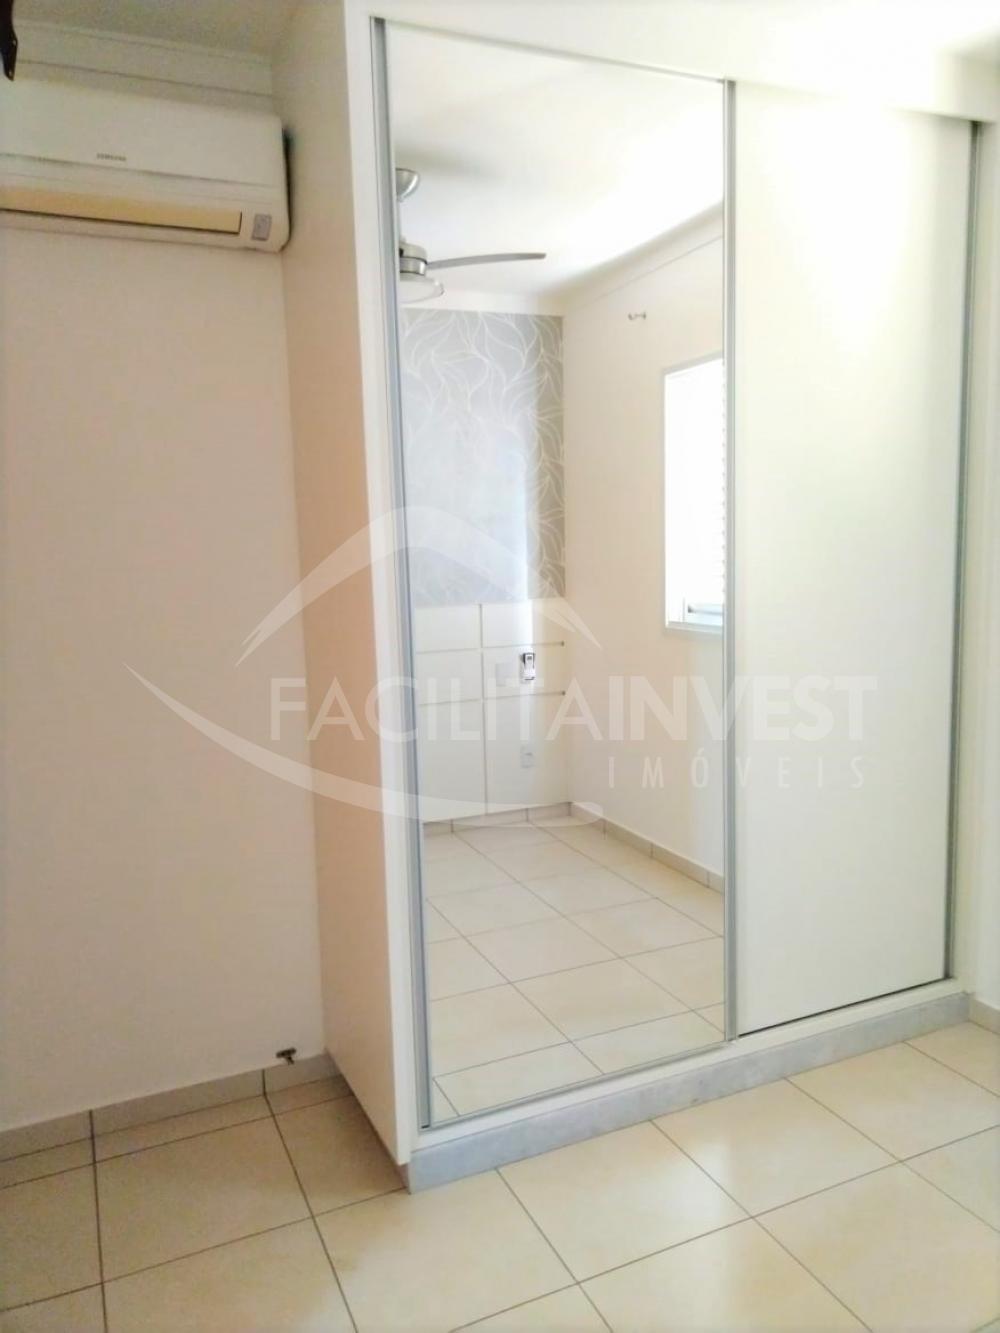 Alugar Apartamentos / Apart. Padrão em Ribeirão Preto apenas R$ 1.800,00 - Foto 10